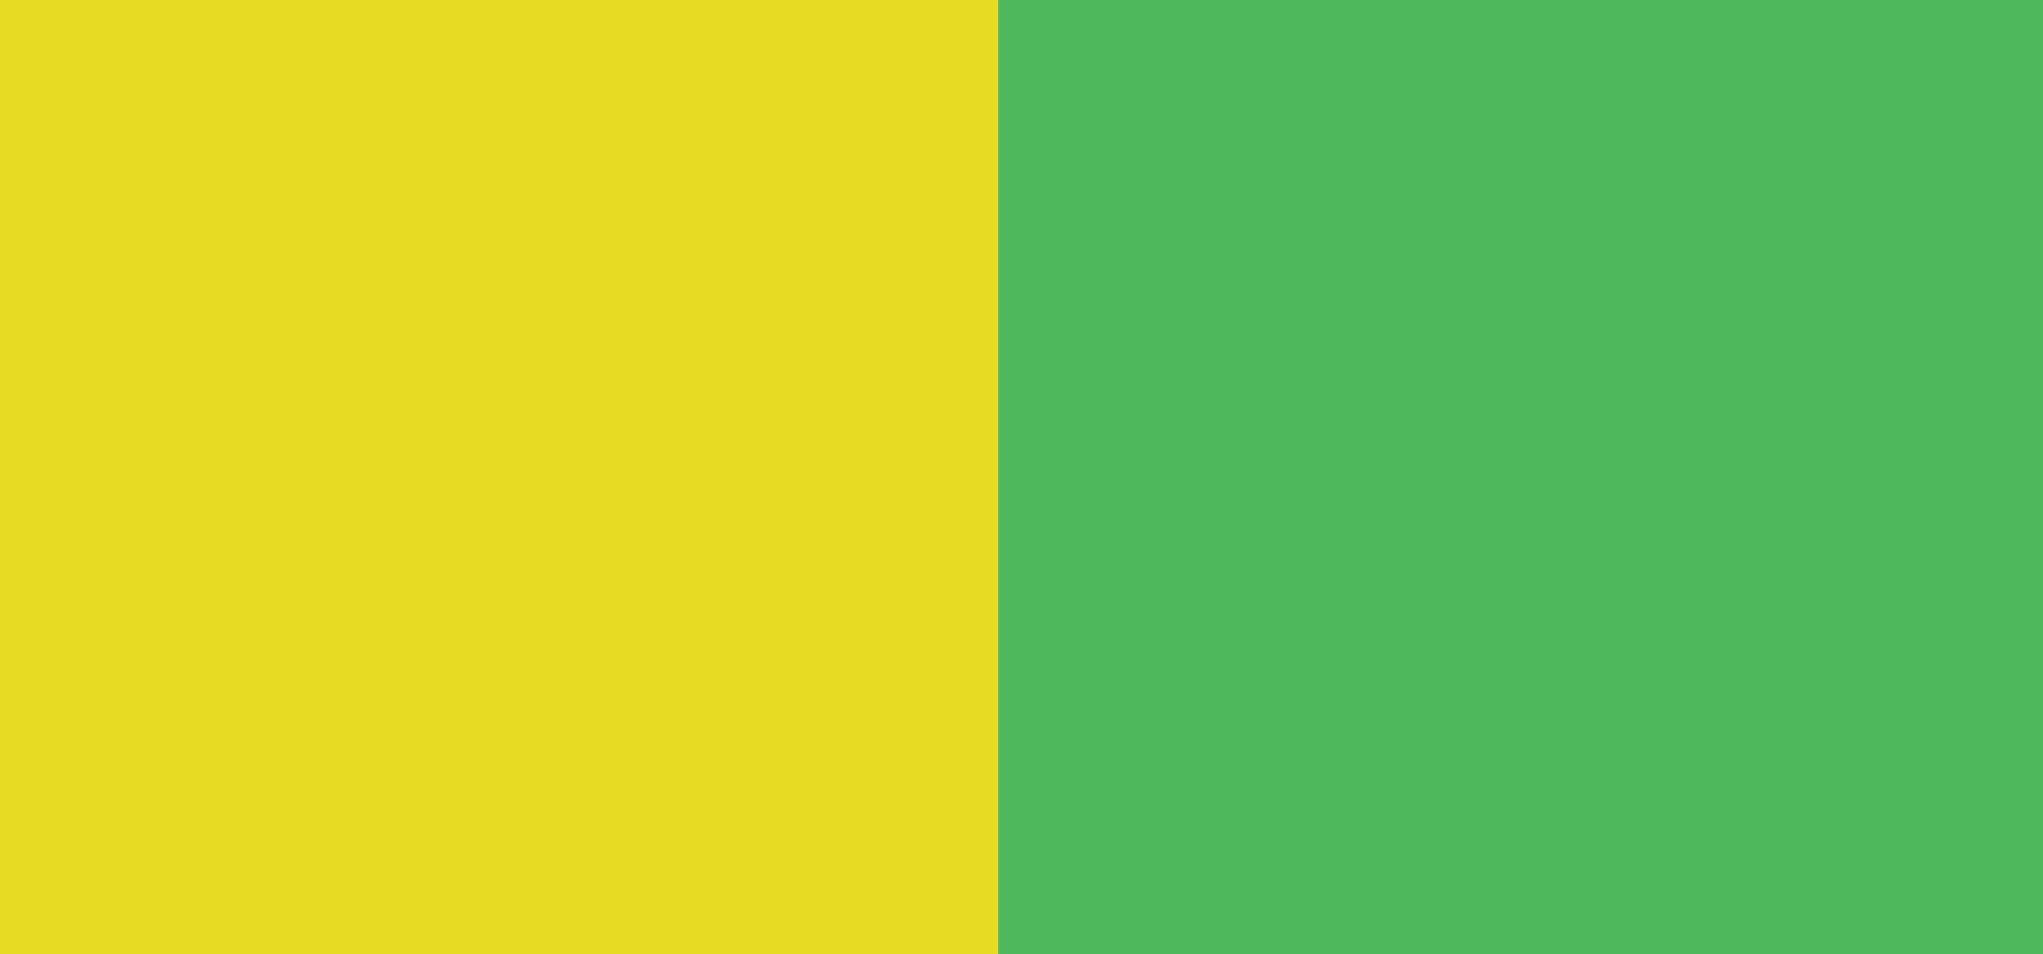 Jaune / vert